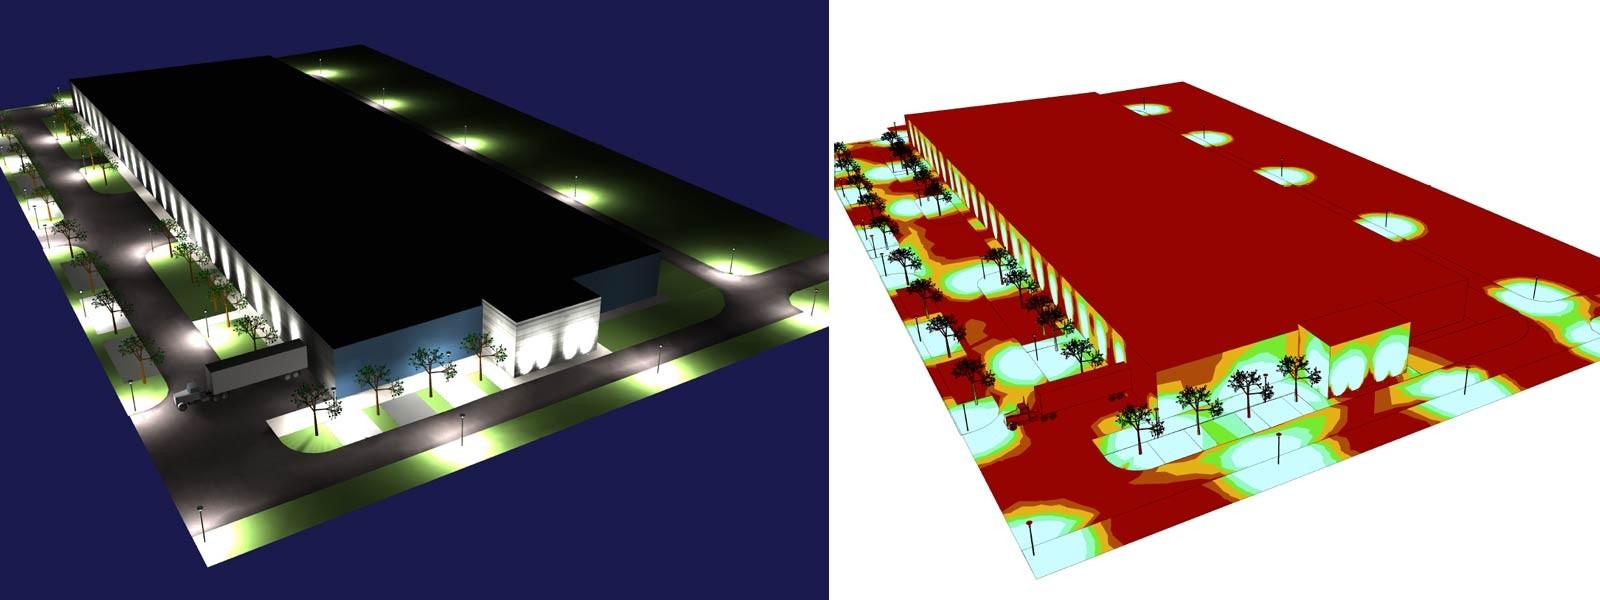 http://www.hulpbijverlichting.nl/documenten/image/hulp-bij-verlichting-voorbeeld-lichtberekening-2d-simulatie-en-3d-visualisatie-05.jpg